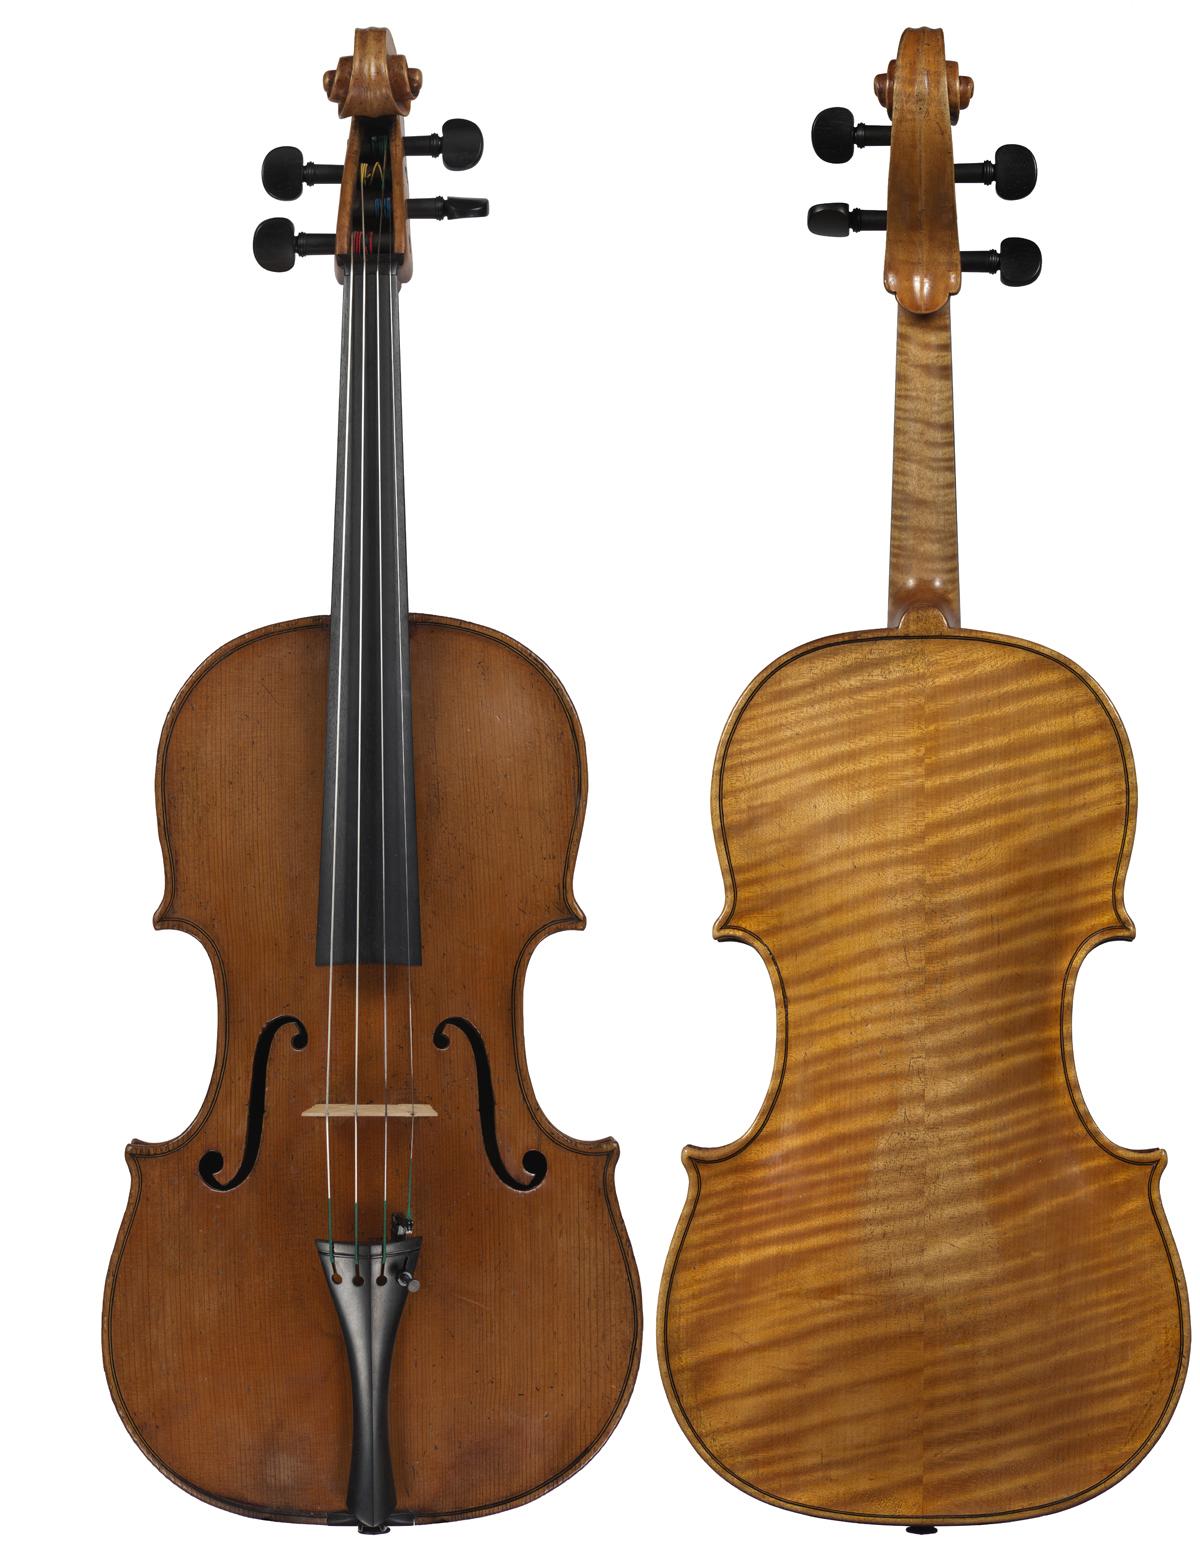 Viola by Simone Giamberini